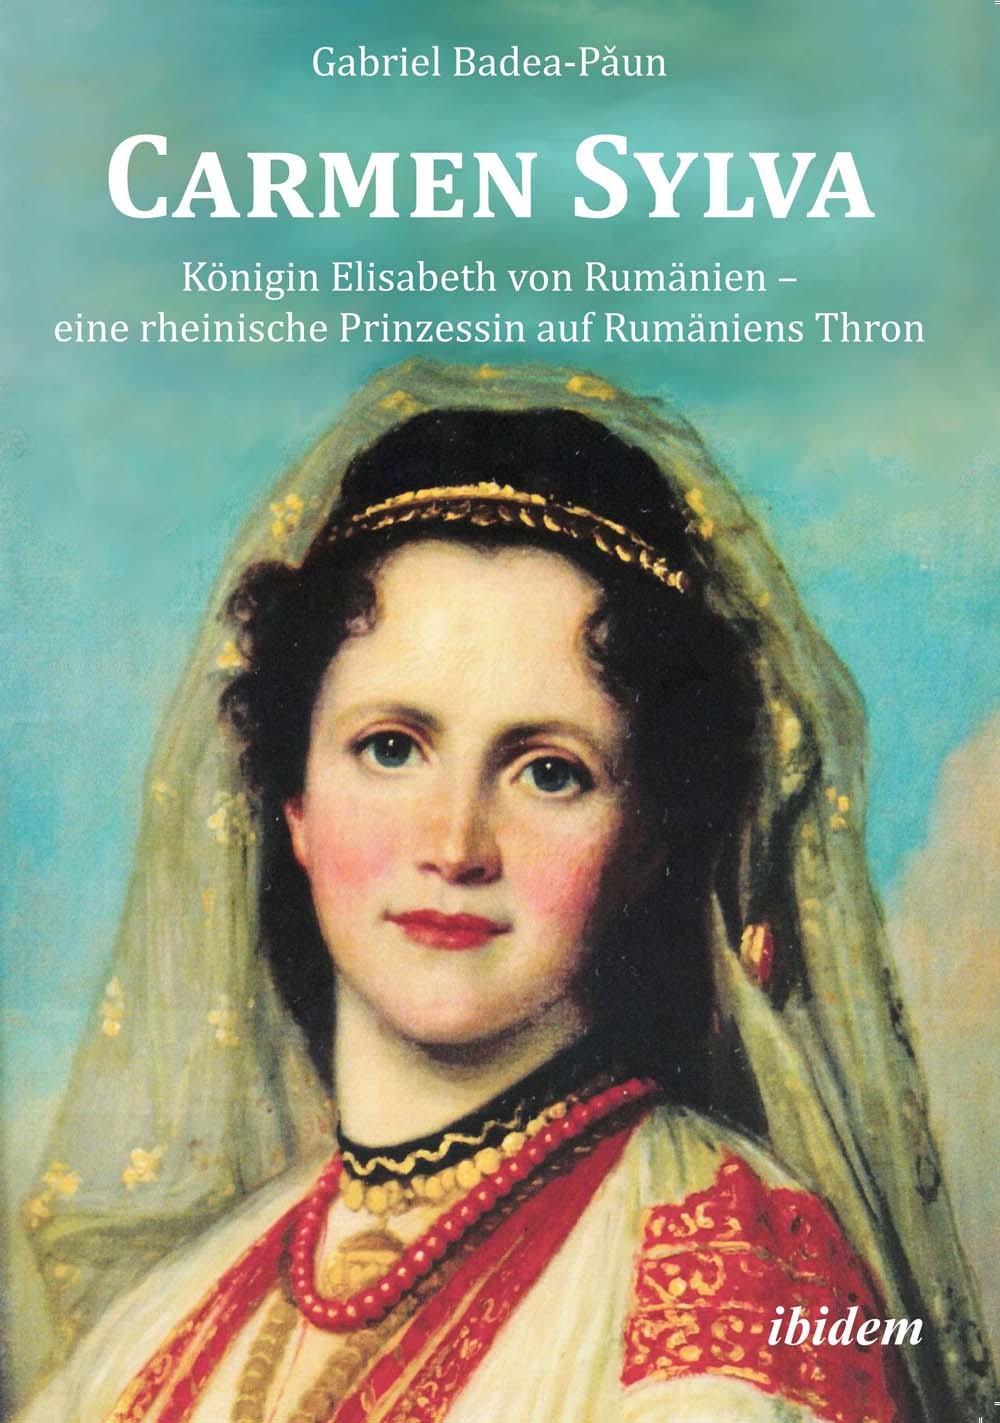 Carmen Sylva. Königin Elisabeth von Rumänien – eine rheinische Prinzessin auf Rumäniens Thron